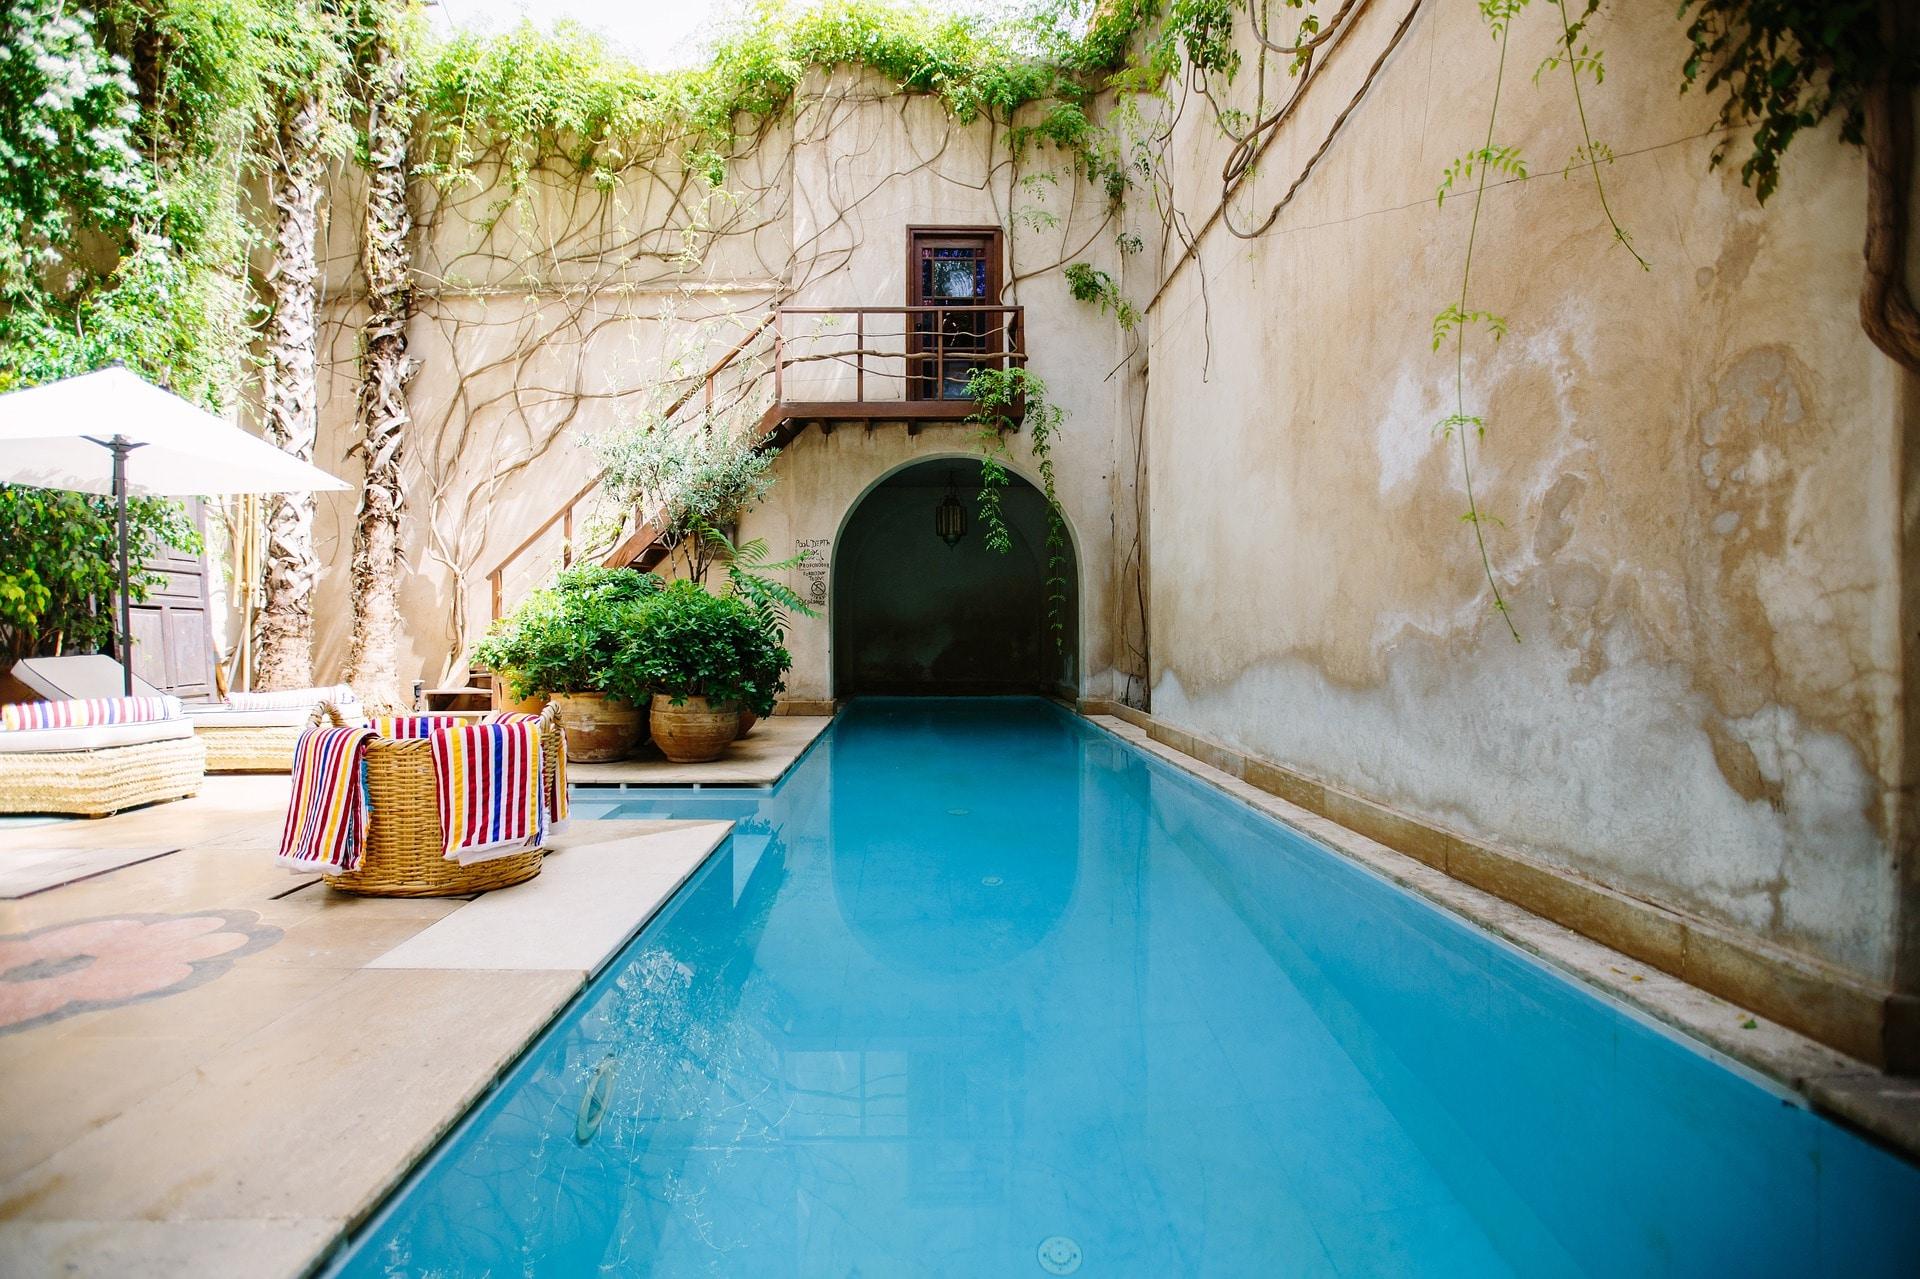 une piscine rectangulaire en couloir de nage dans un magnifique mas de la region du var